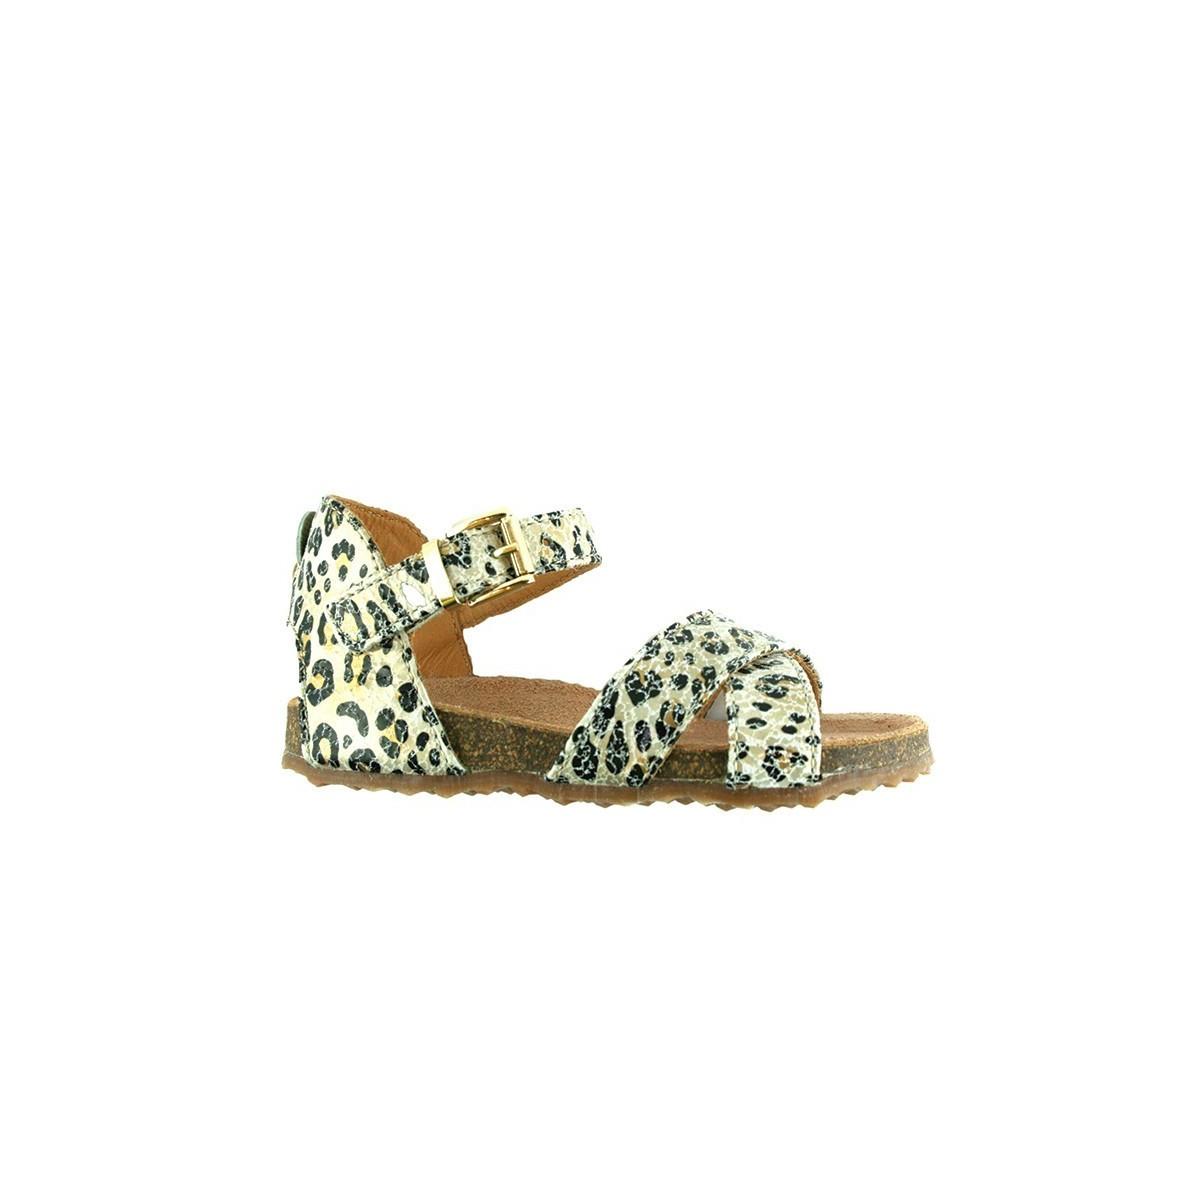 Sandale Ocra 9060 Cheetah cuir Léopard